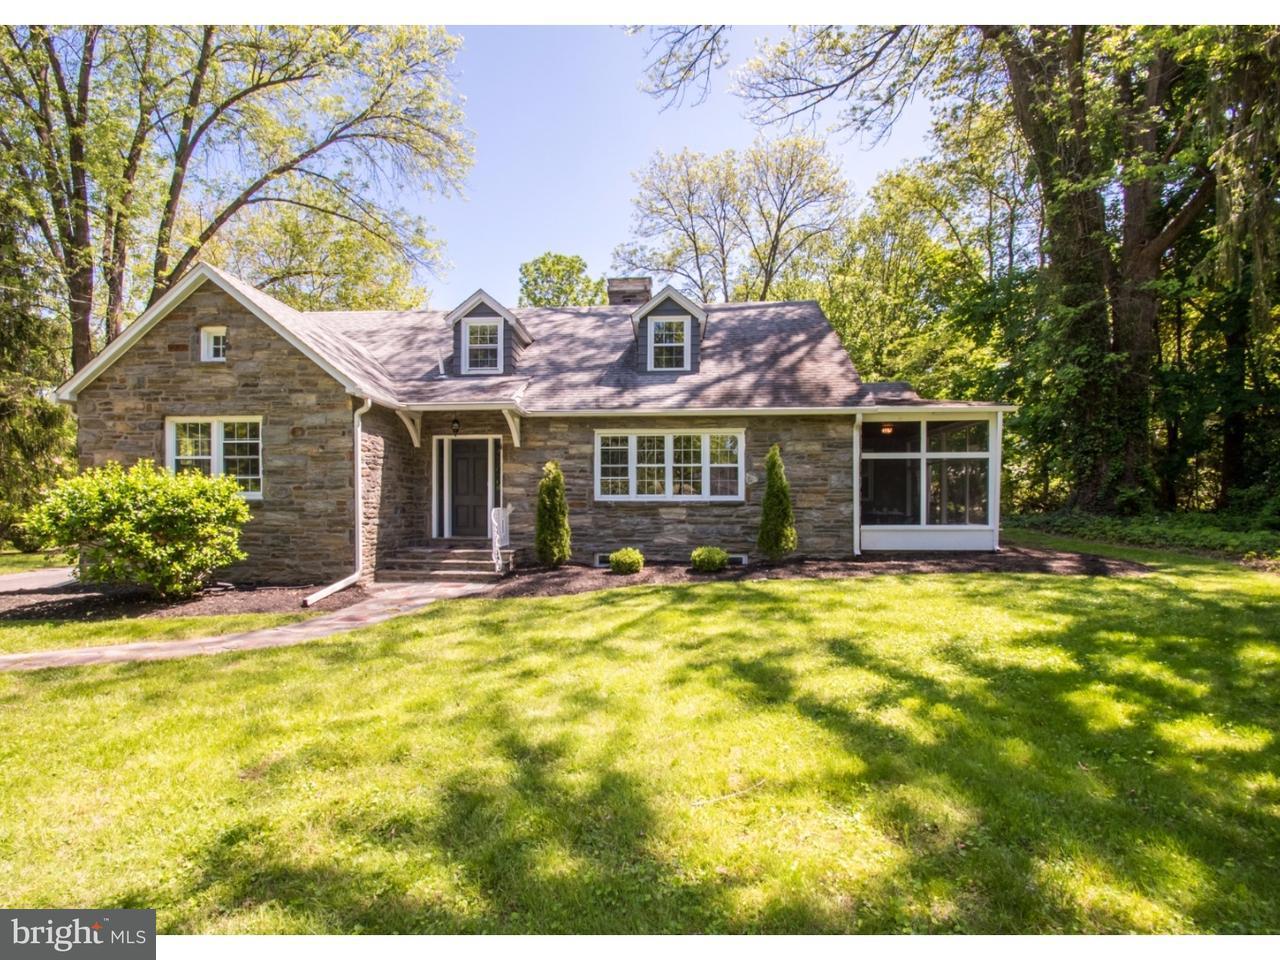 Maison unifamiliale pour l à louer à 510 S PROVIDENCE Road Wallingford, Pennsylvanie 19086 États-Unis